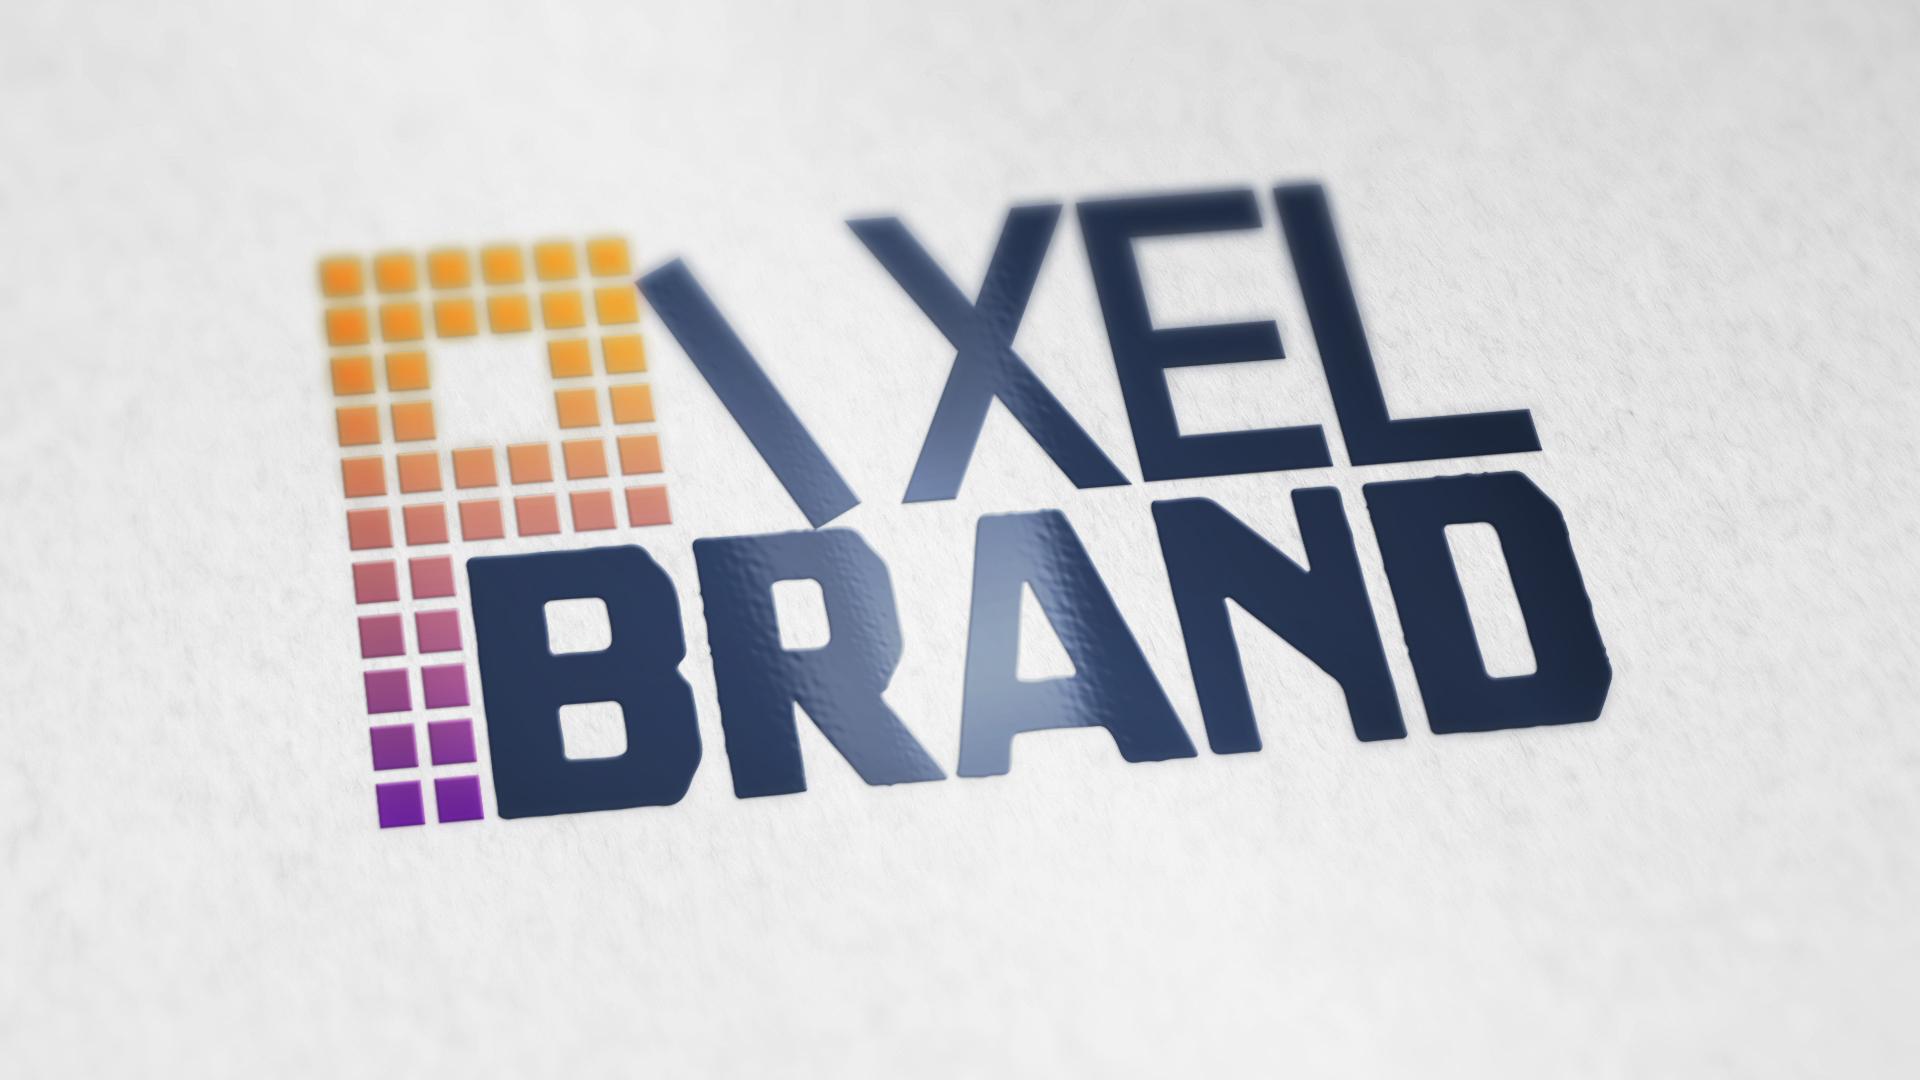 Pixel Brand's logo varnished